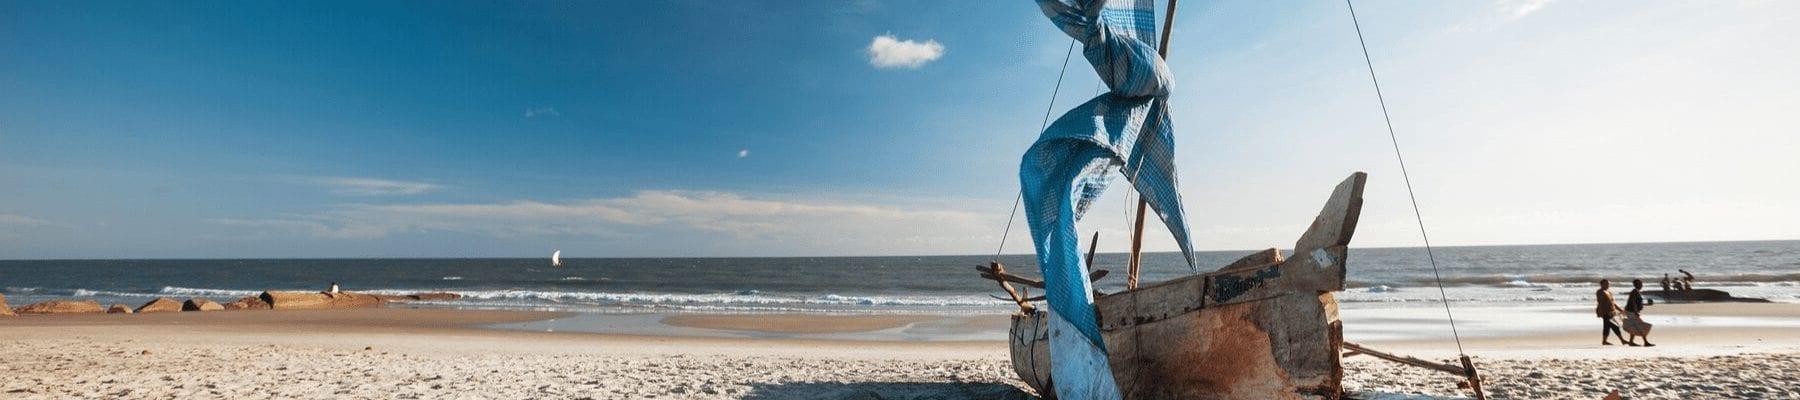 SATravellers, agence de voyage au Mozambique et Afrique Australe